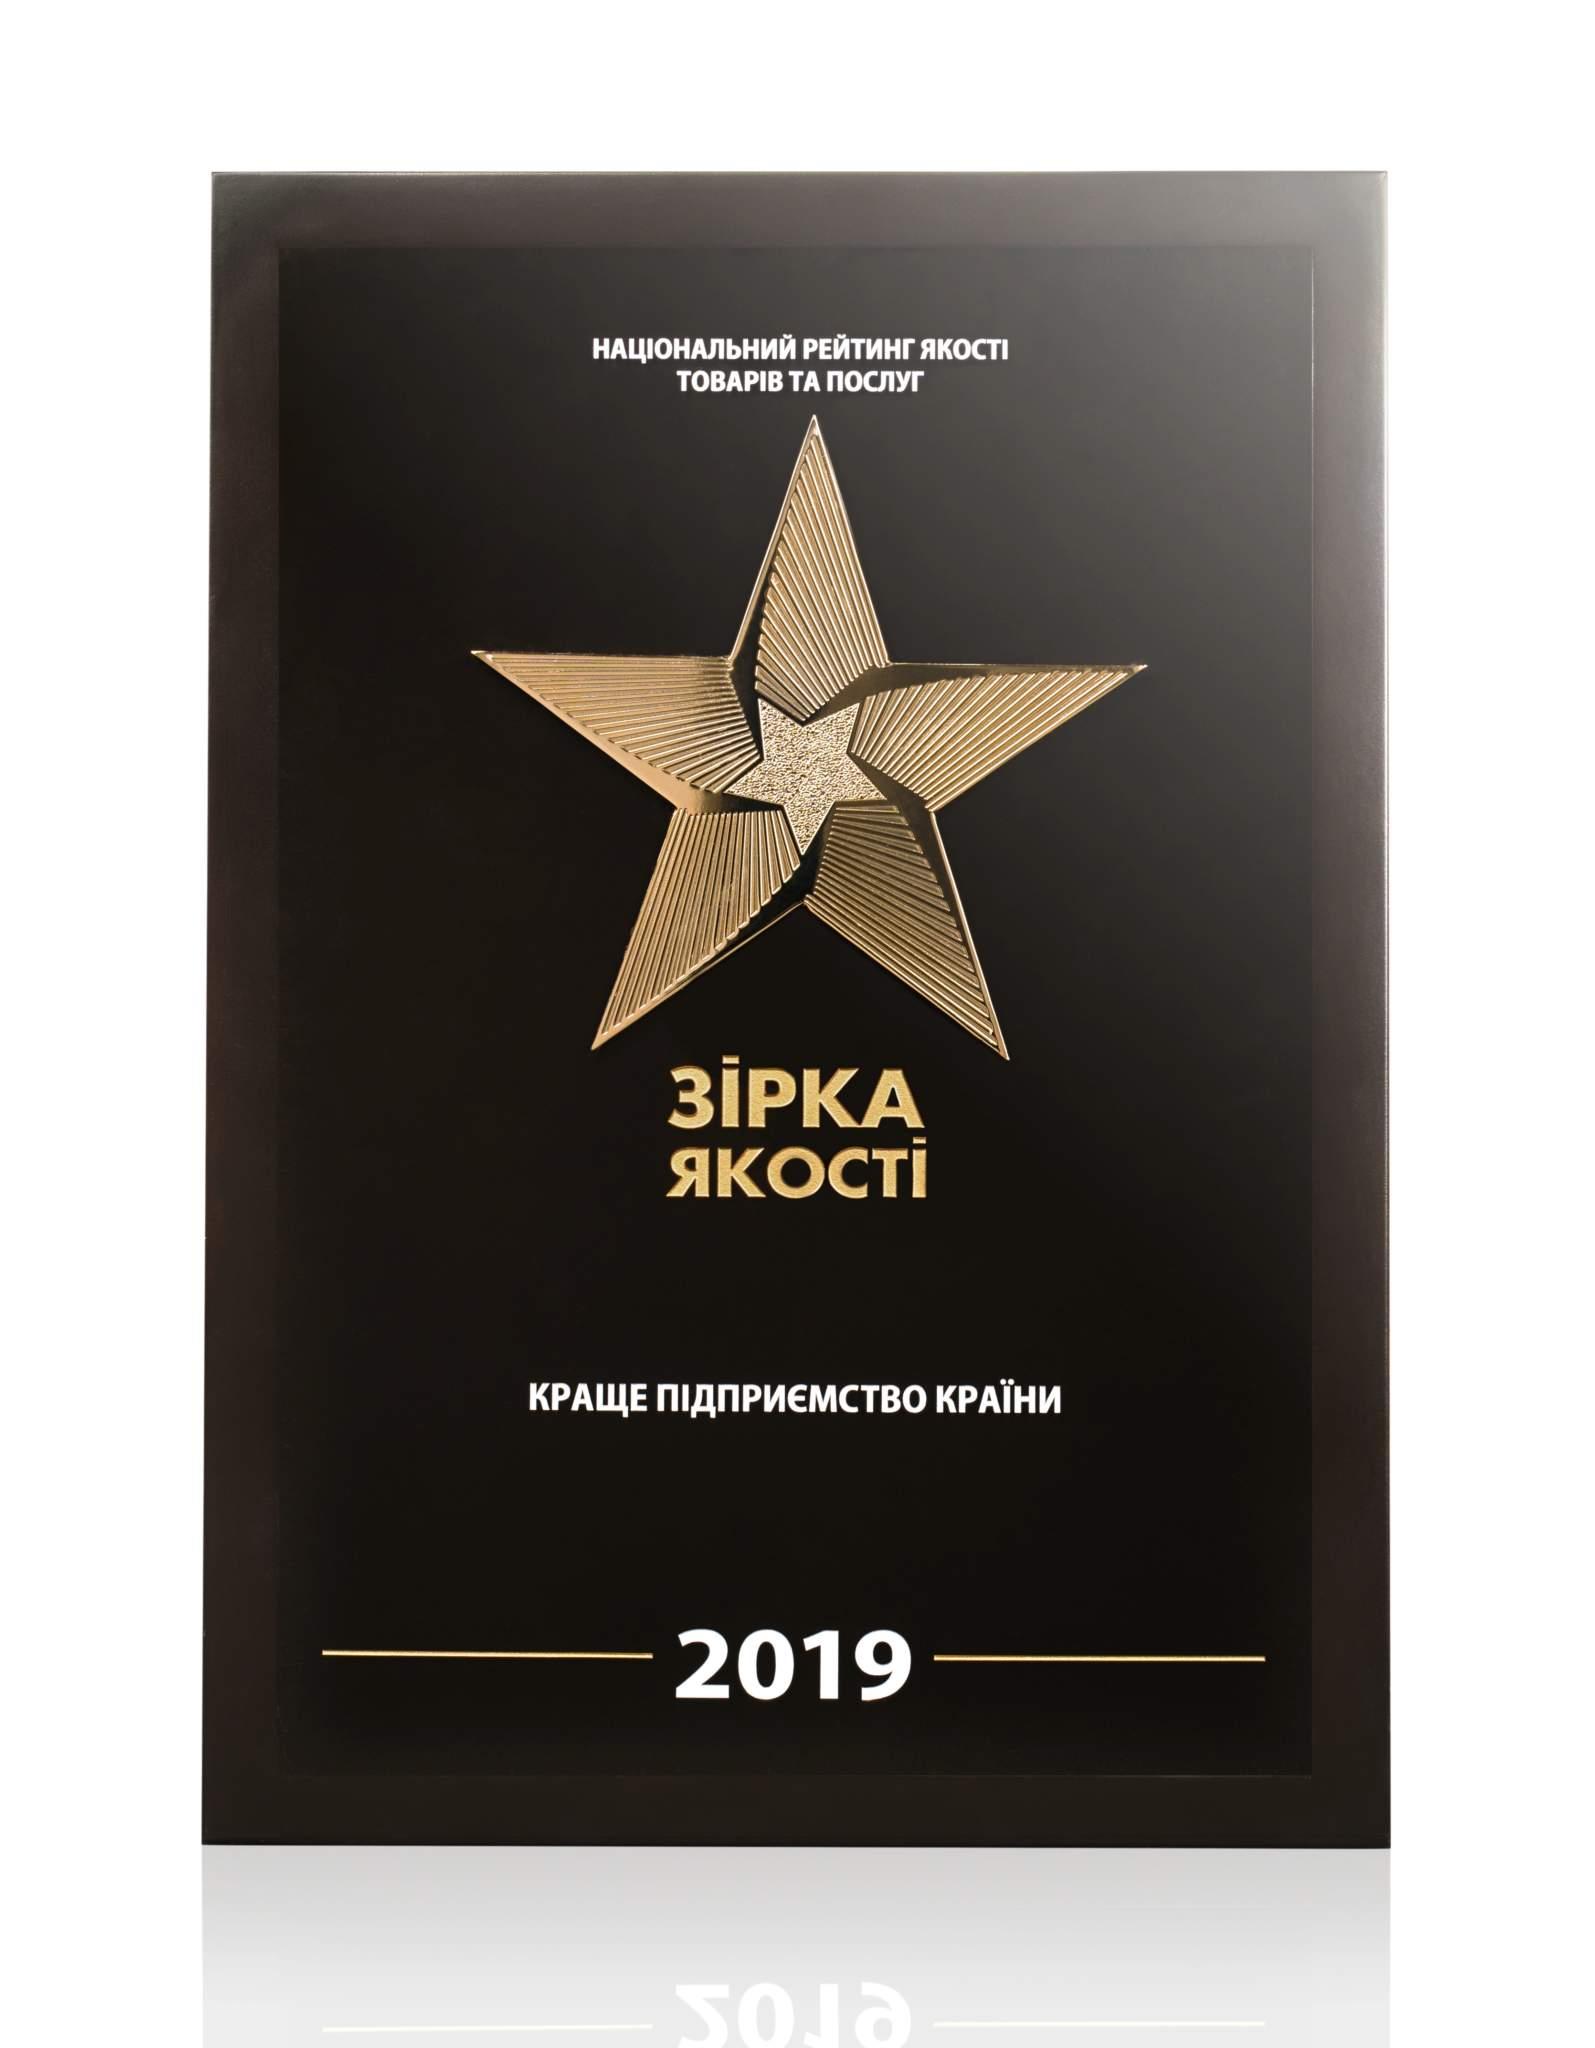 """""""Акваполимер Инжиниринг"""" получил почетную награду от национального рейтинга качества товаров и услуг"""